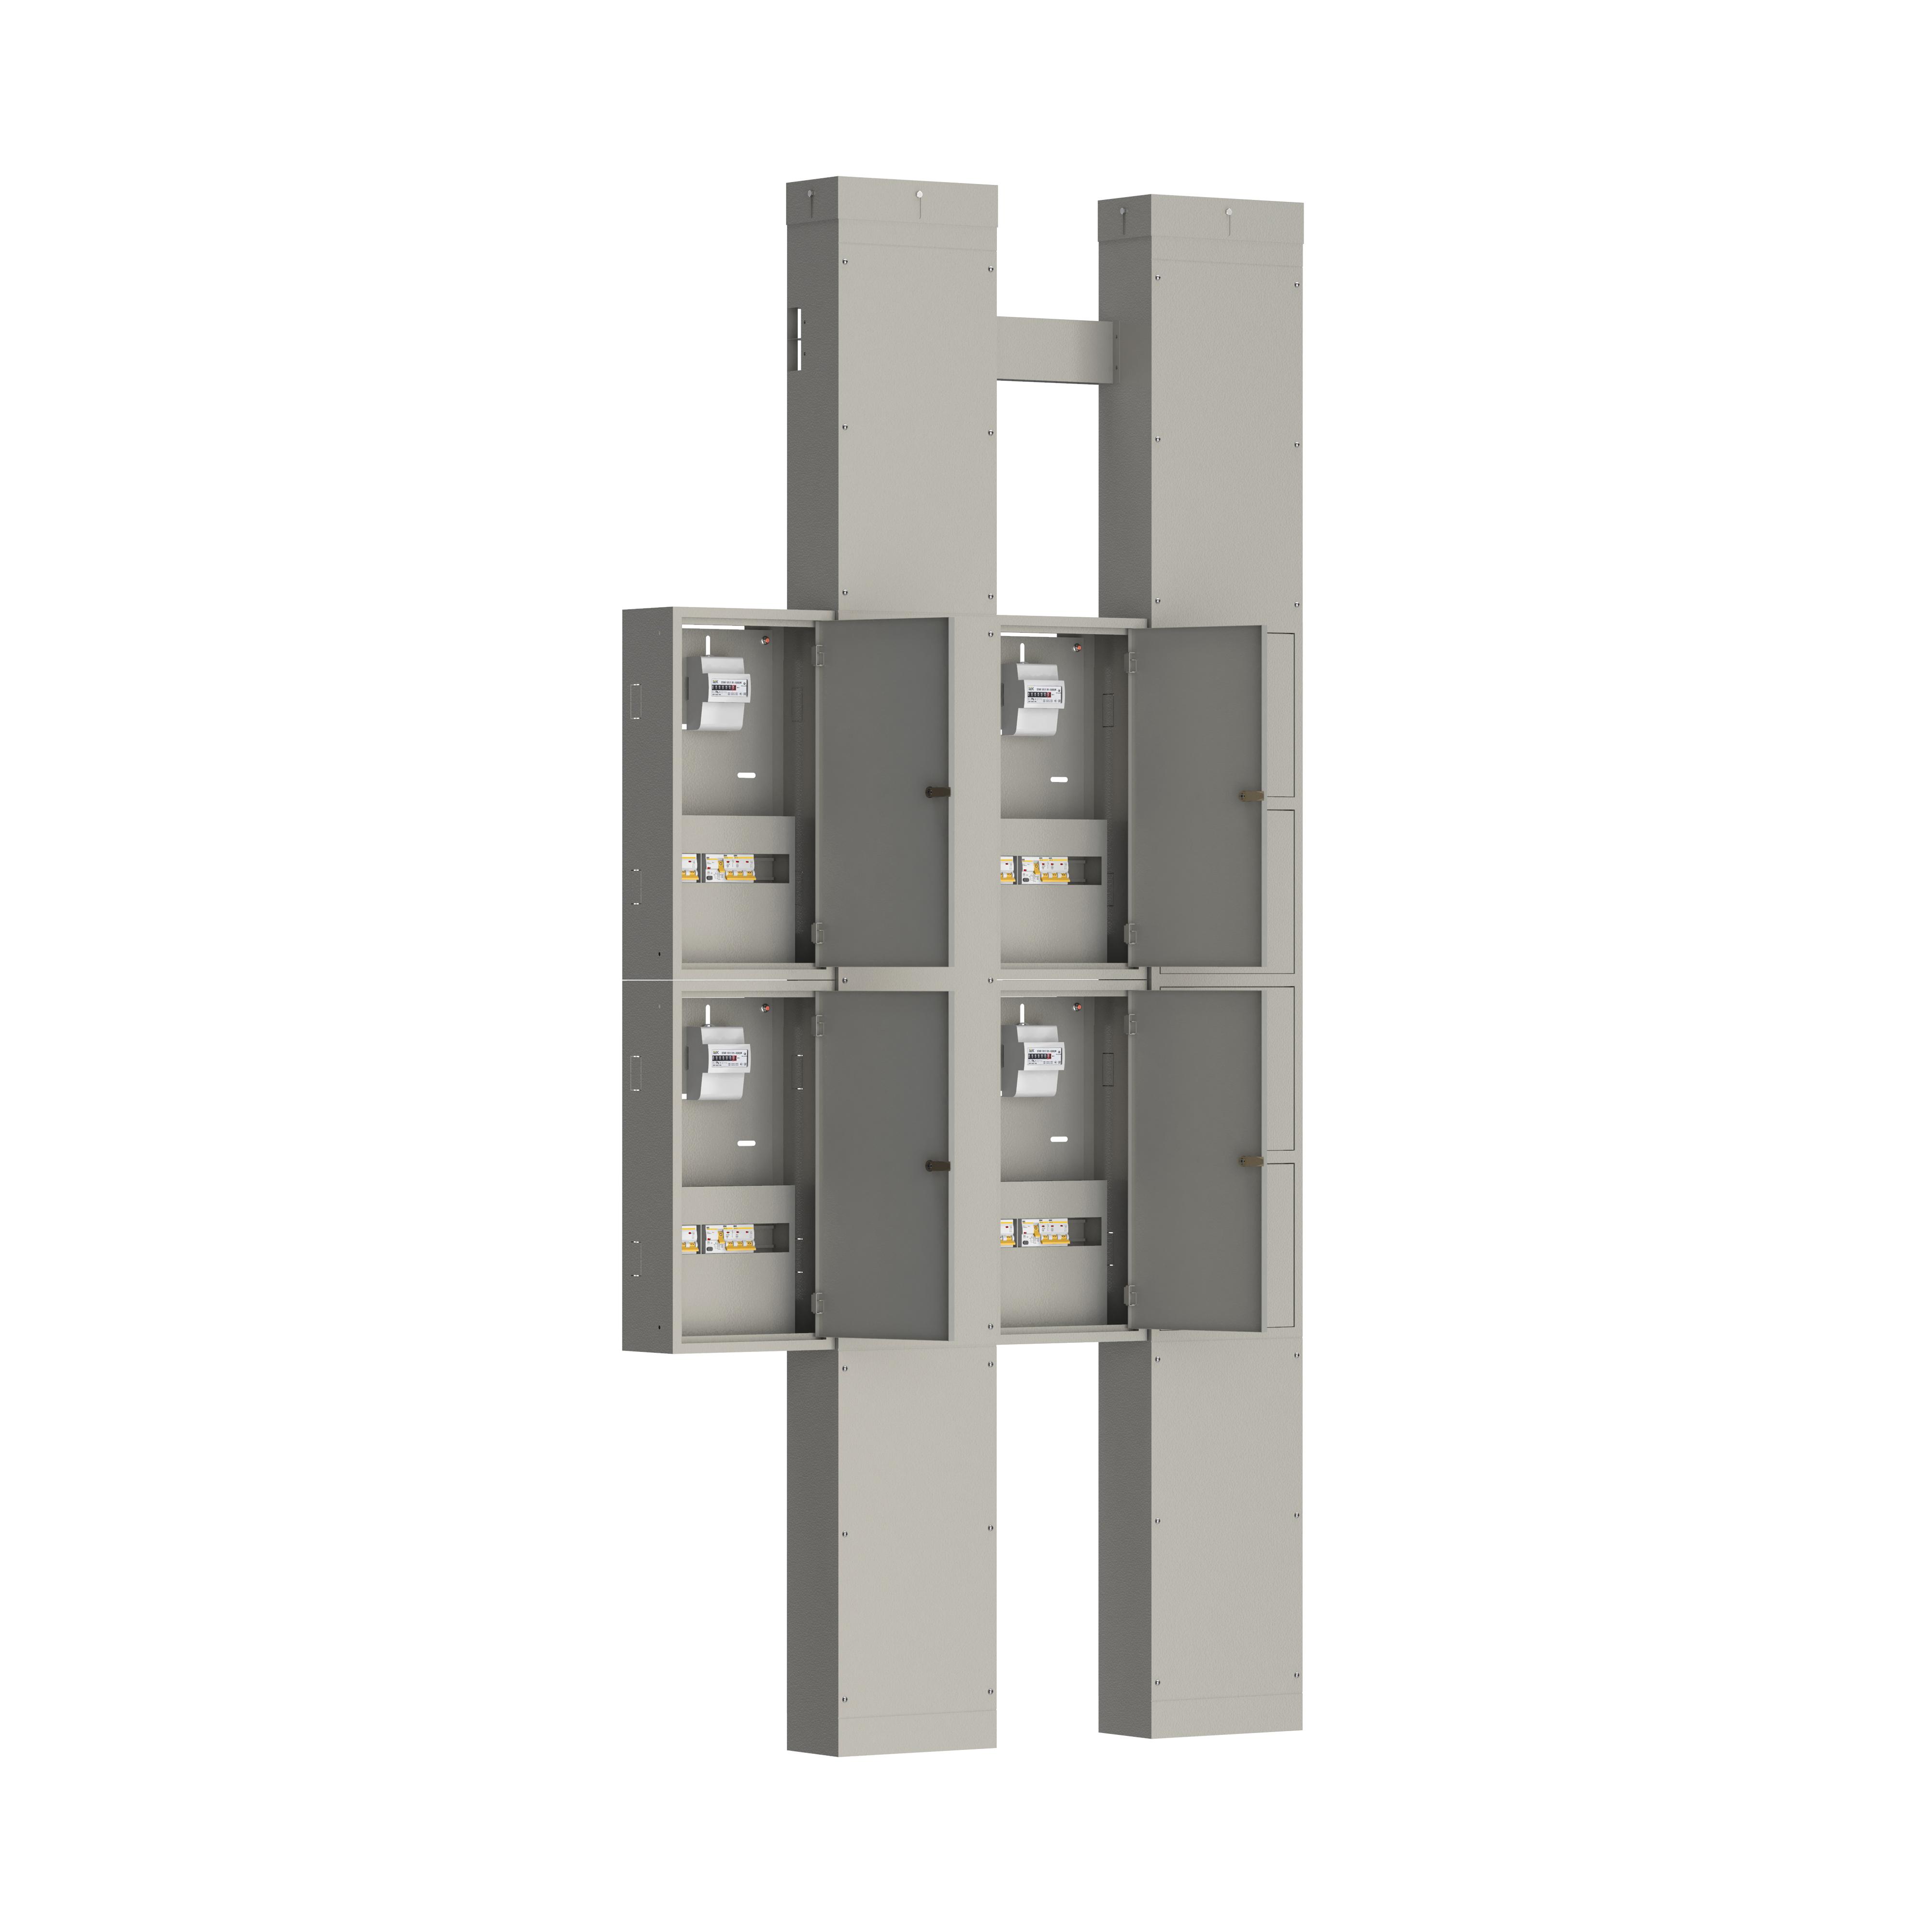 Устройство этажное распределительное УЭРМ-31 на три квартиры с однофазным вводом с характеристикой D в каждую квартиру IEK